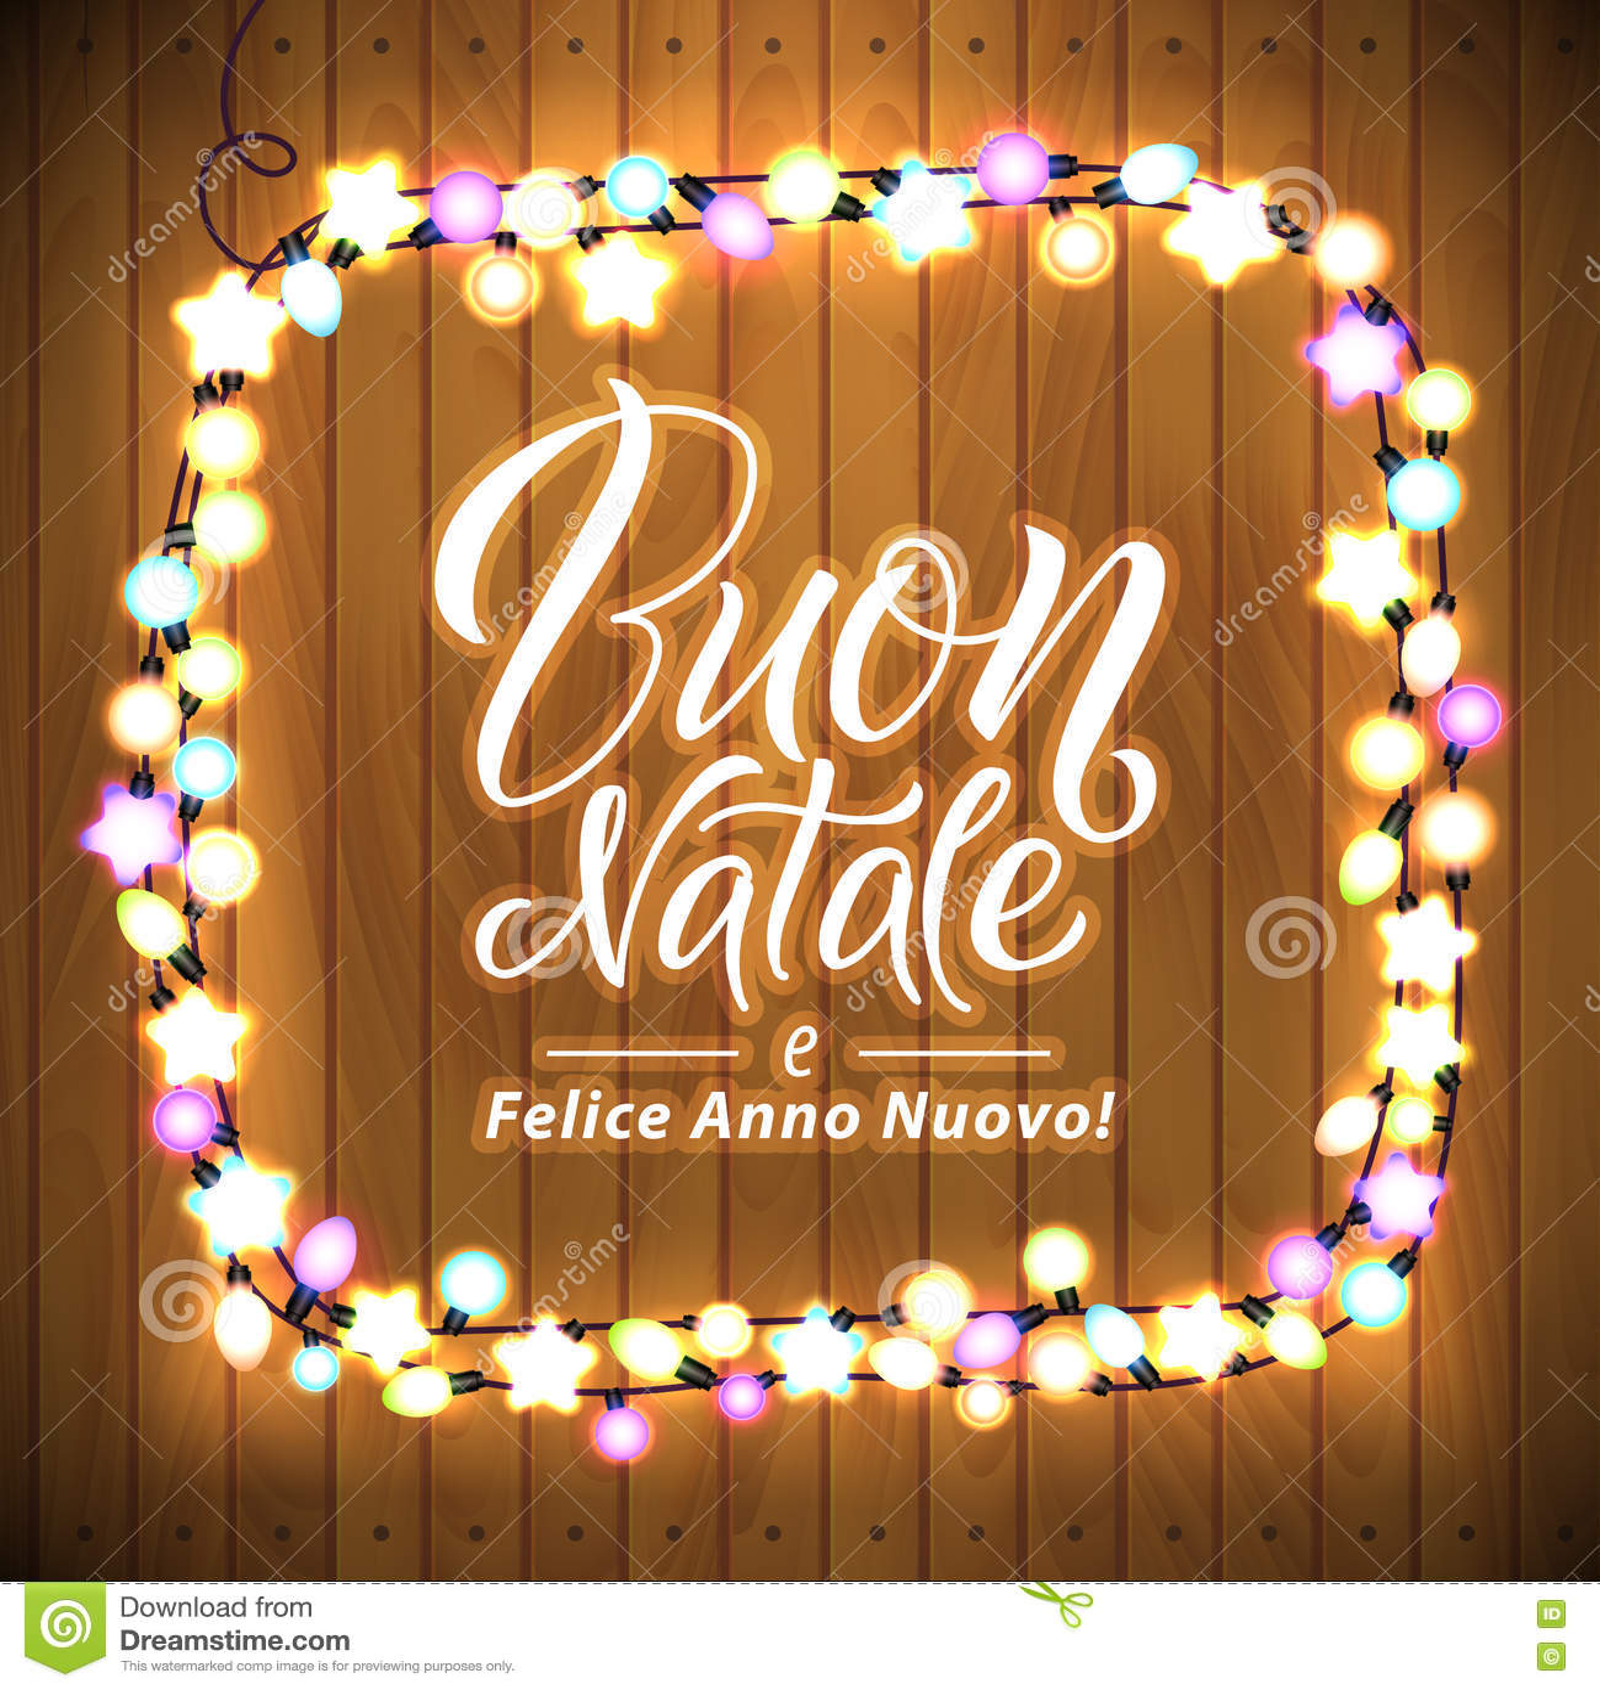 Frohe weihnachten und einen guten rutsch auf italienisch